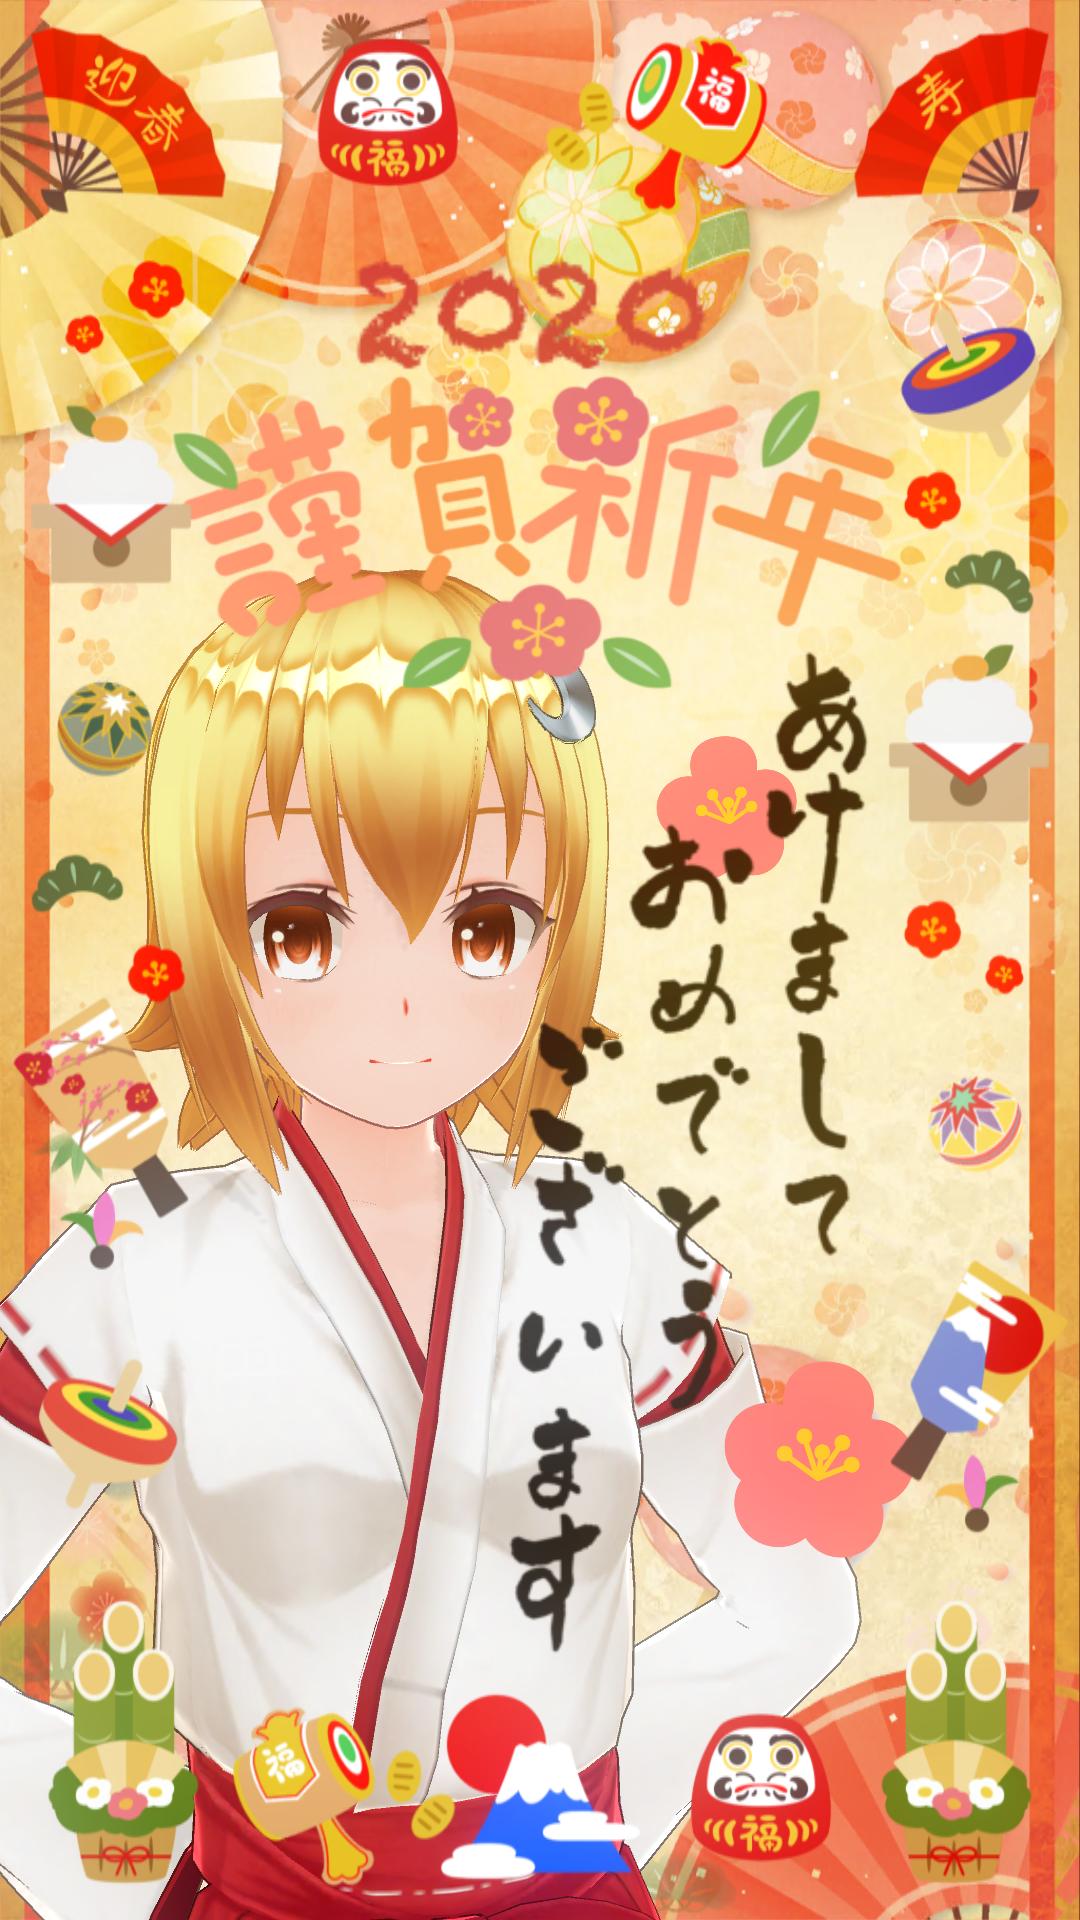 f:id:Yuki-19:20200103154203p:image